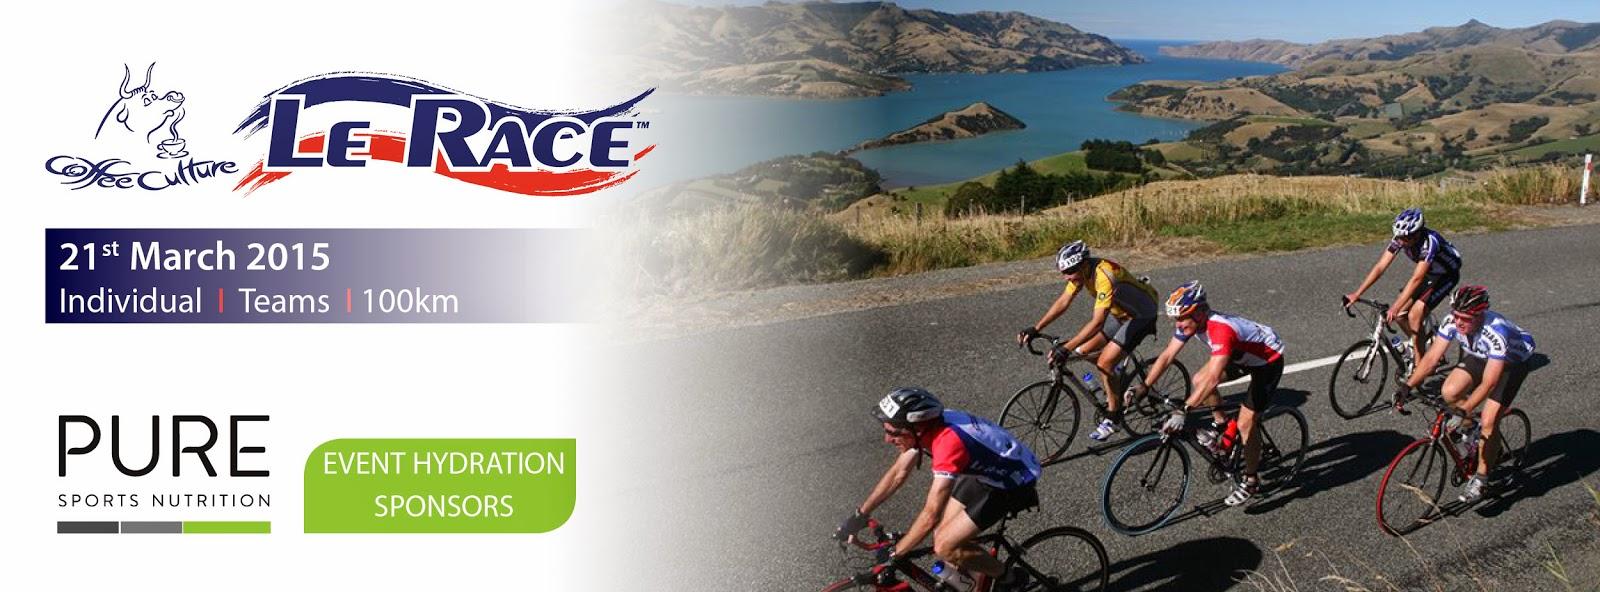 Le Race, Christchurch